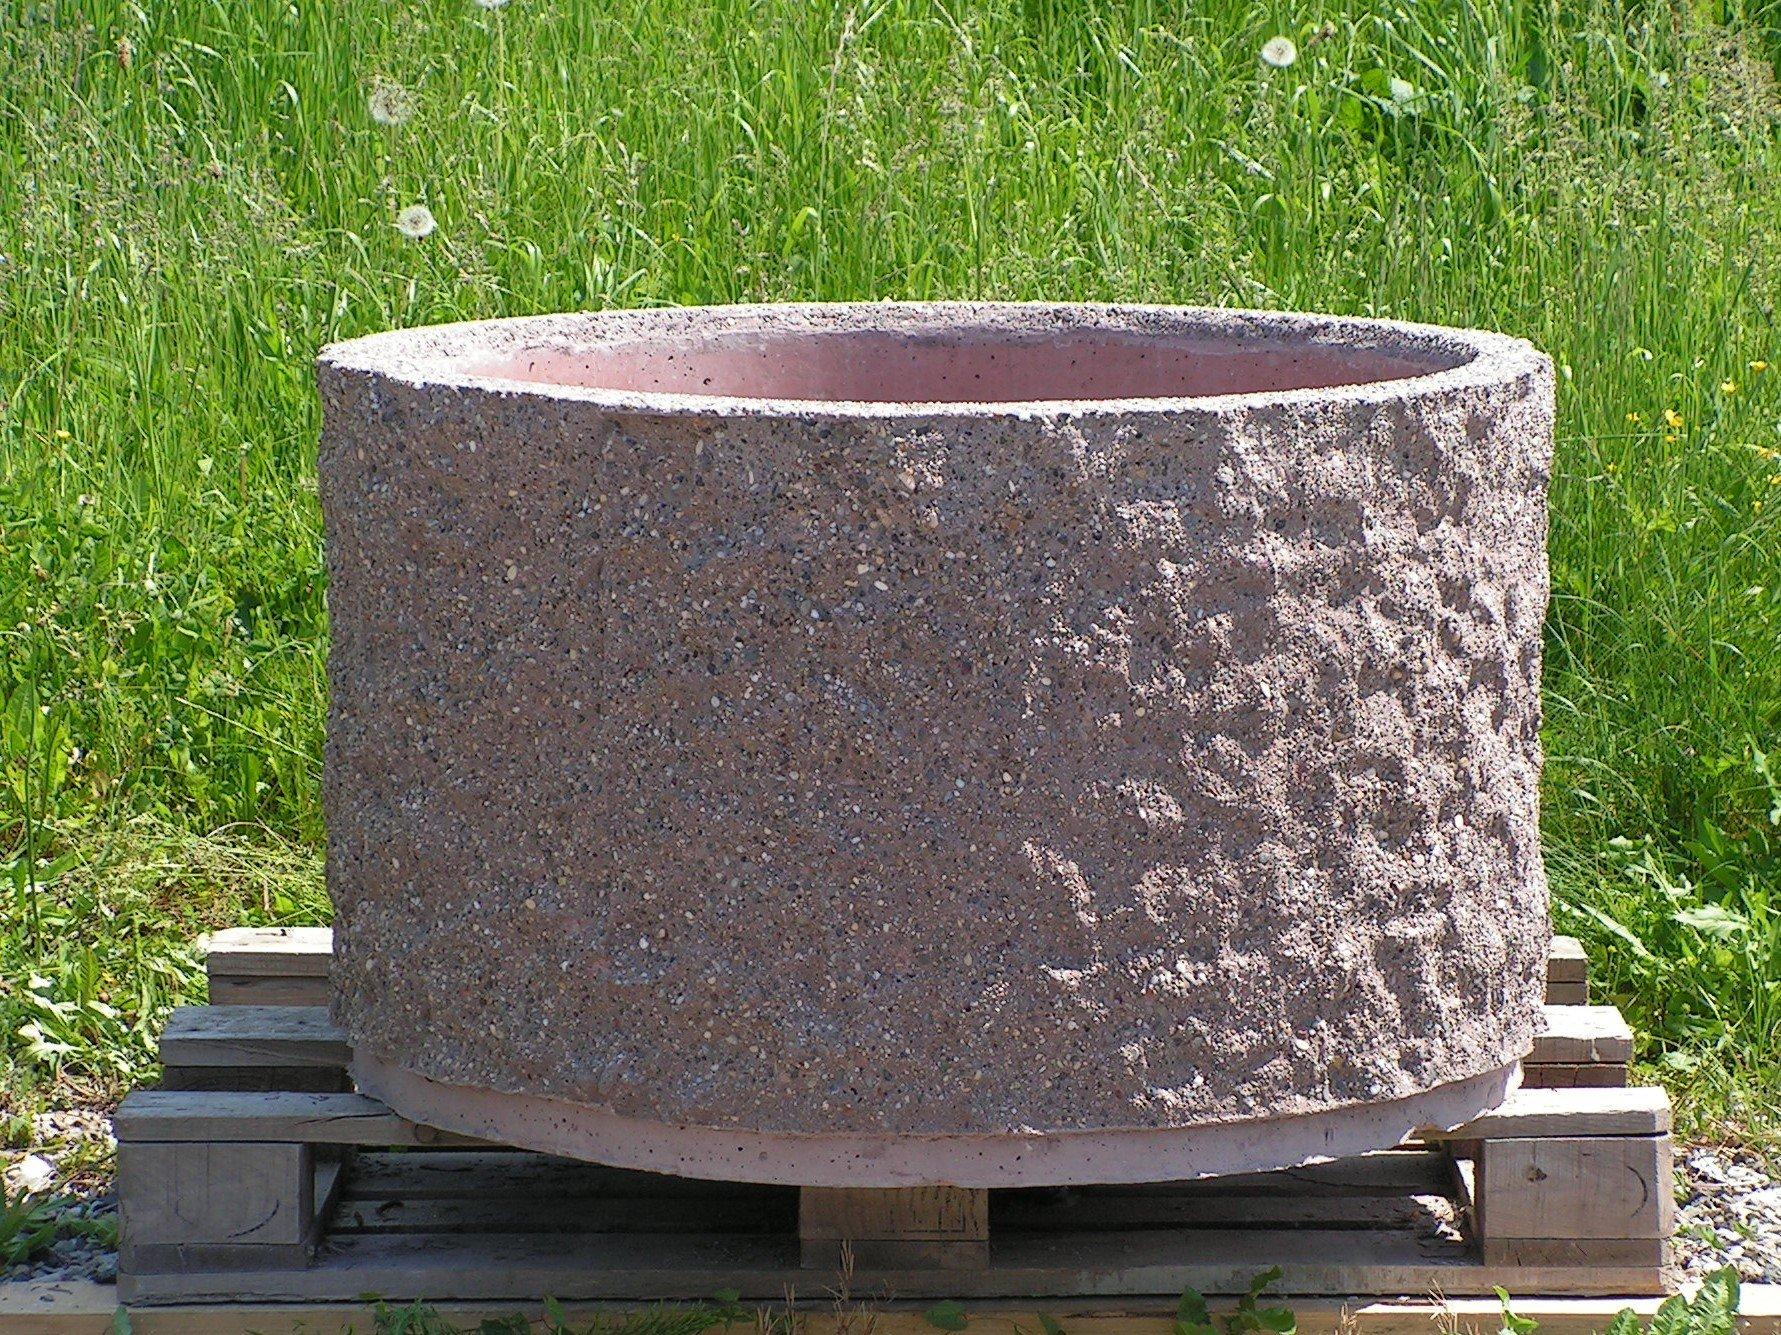 blumentrog-wasserbecken-rund-durchmesser-100-cm_f